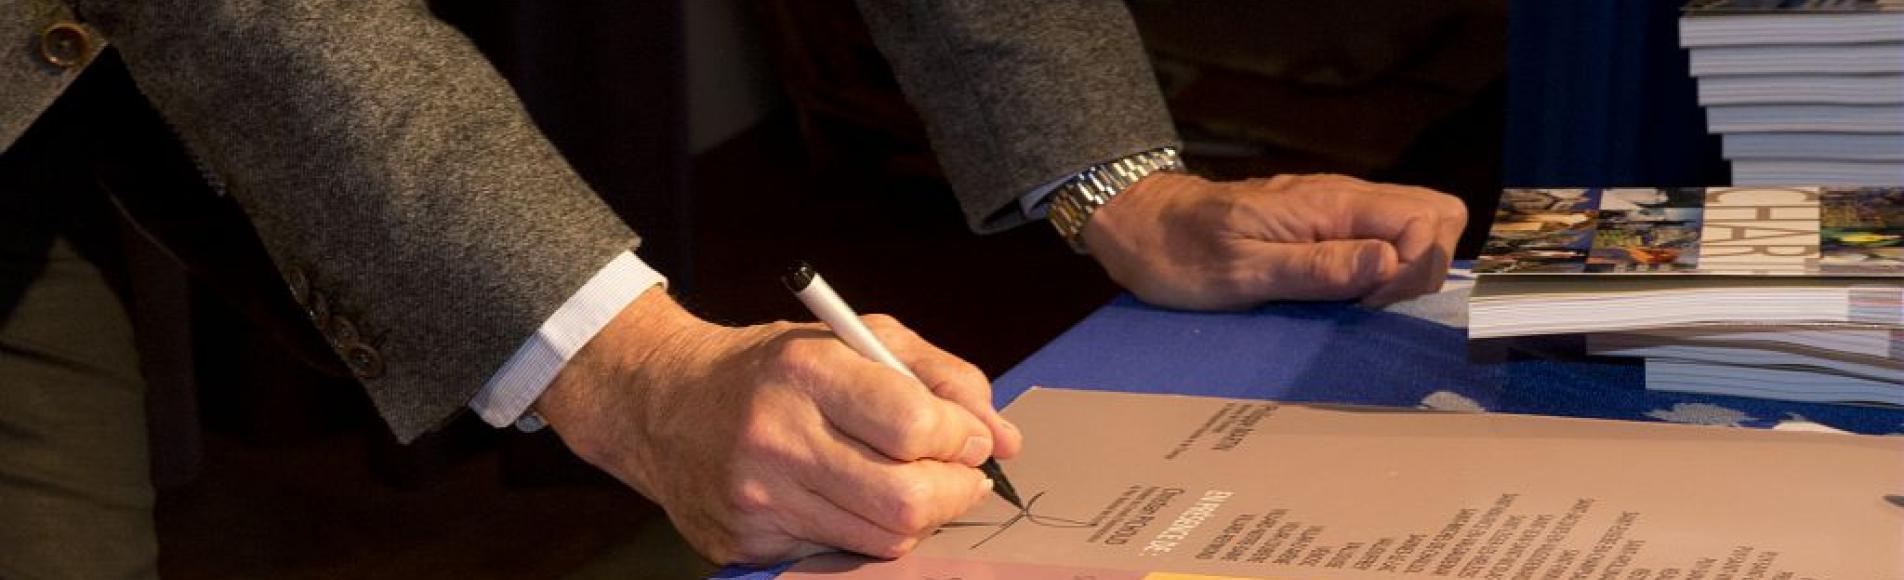 Signature Charte - 2013 - photo P.Saulay - Parc national des Ecrins